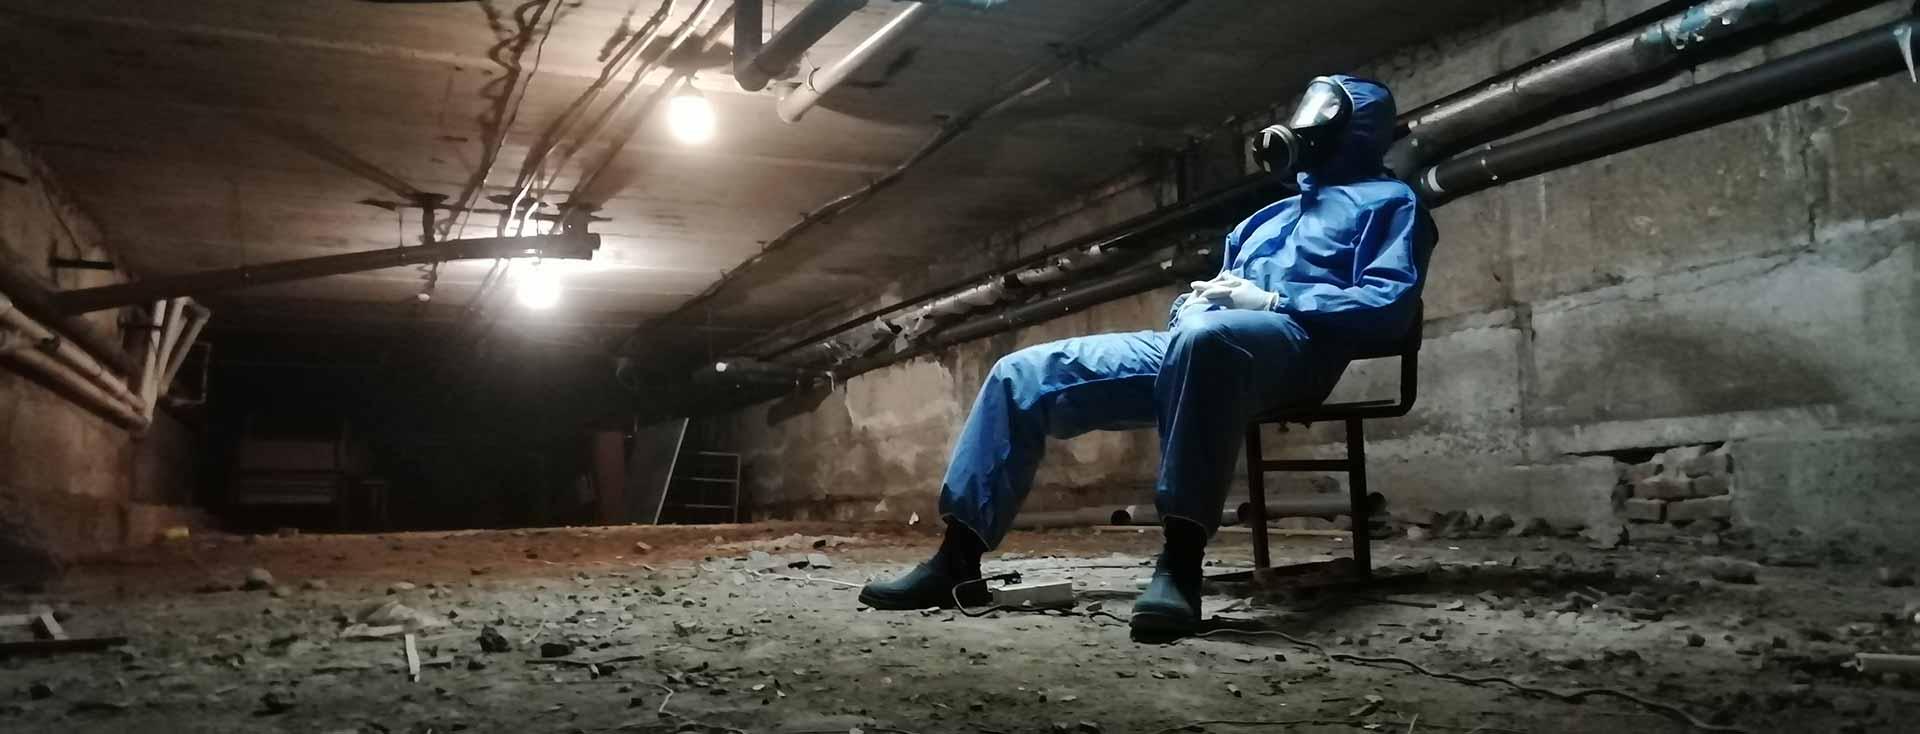 Обработка помещений и подвалов от насекомых в Ростове